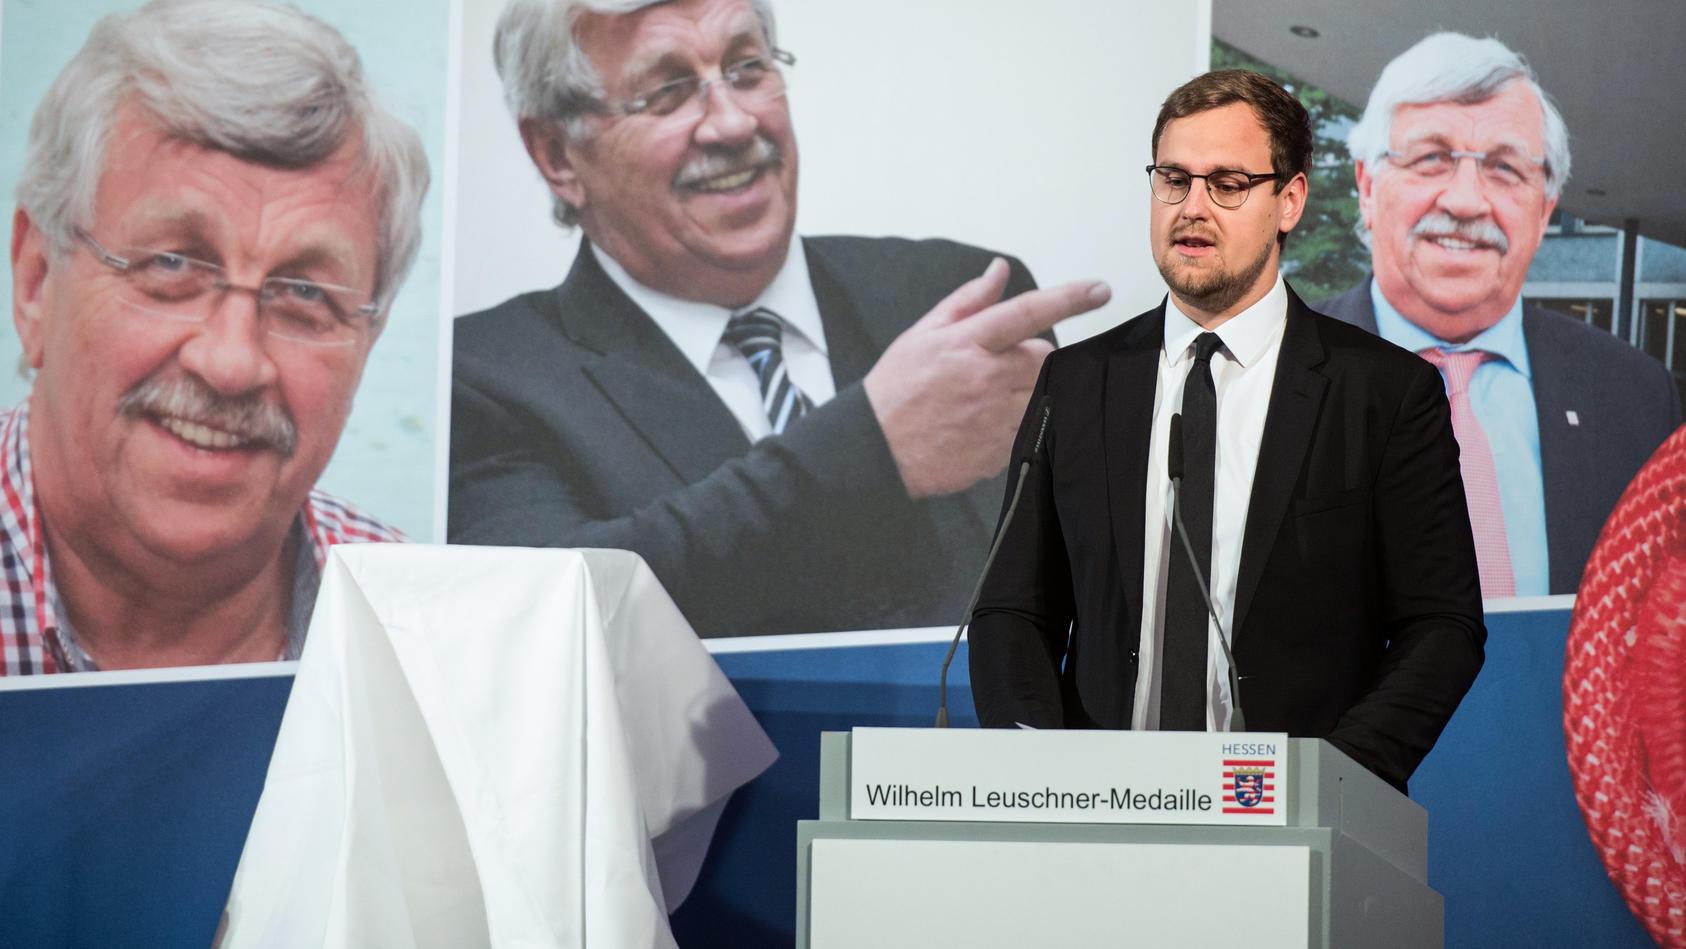 Jan-Hendrik Lübcke, Sohn von Walter Lübcke, spricht nach der Verleihung der Wilhelm Leuschner-Medaille.